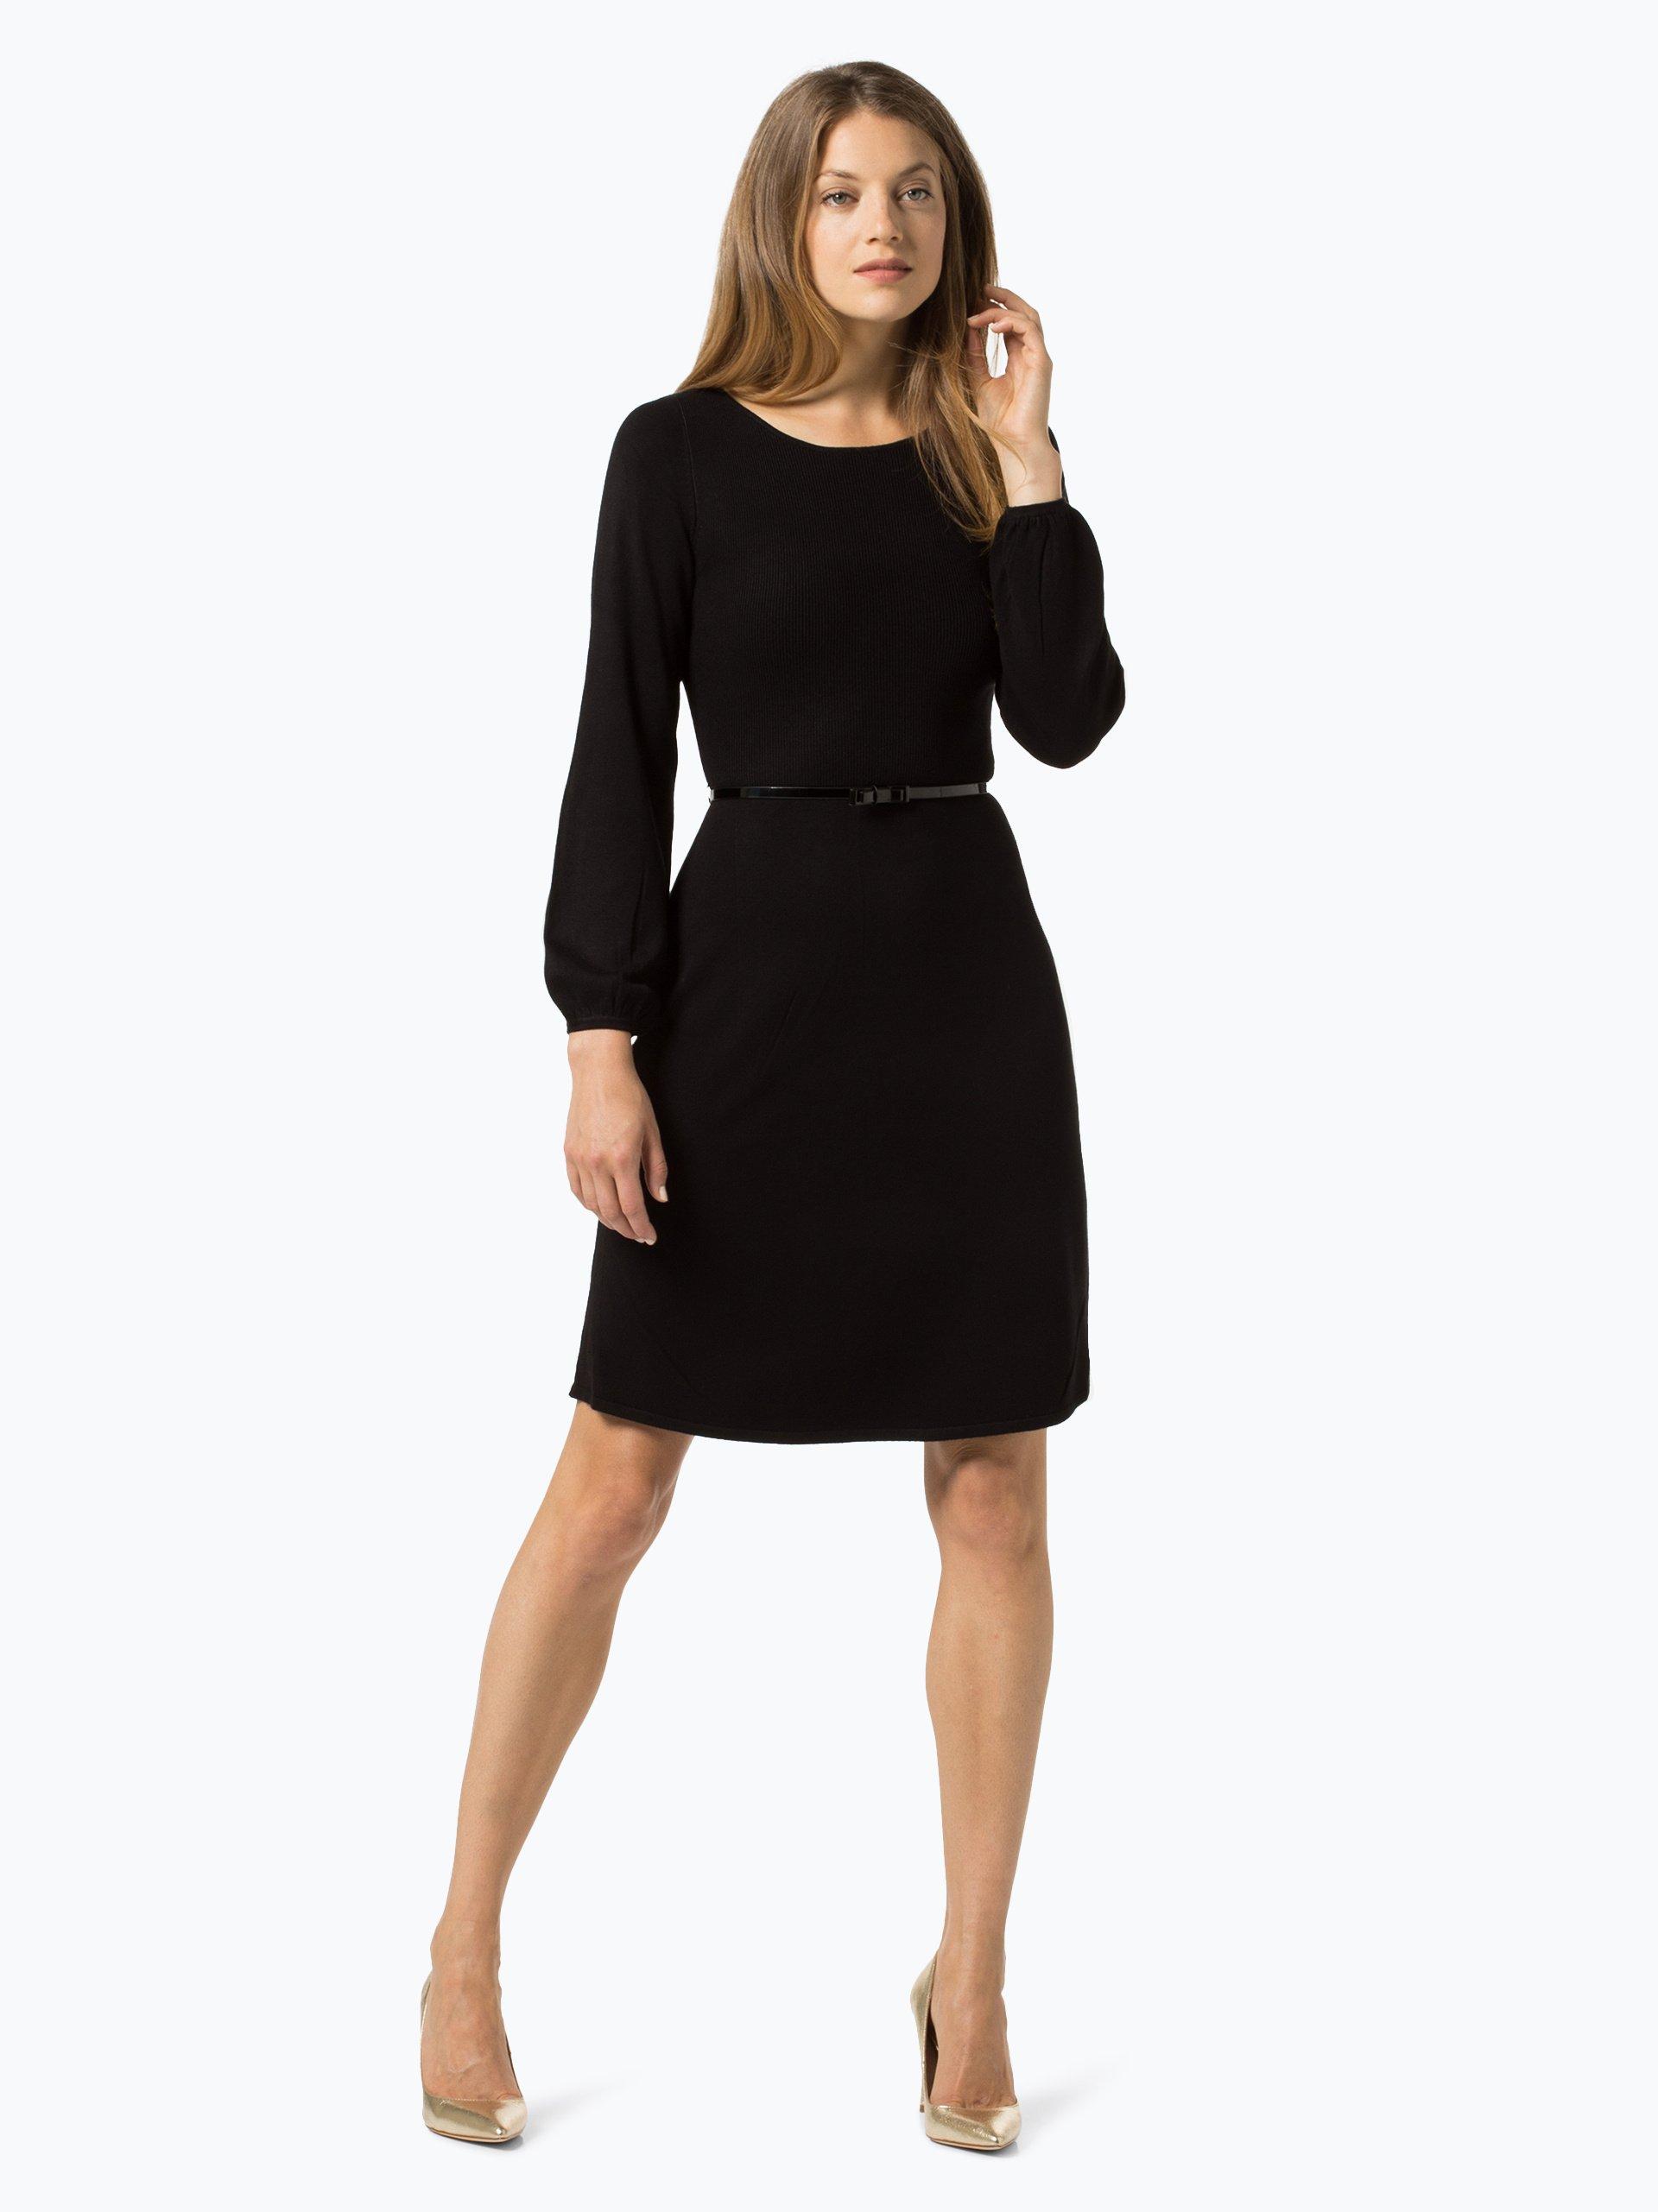 s oliver black label damen kleid schwarz uni online kaufen. Black Bedroom Furniture Sets. Home Design Ideas